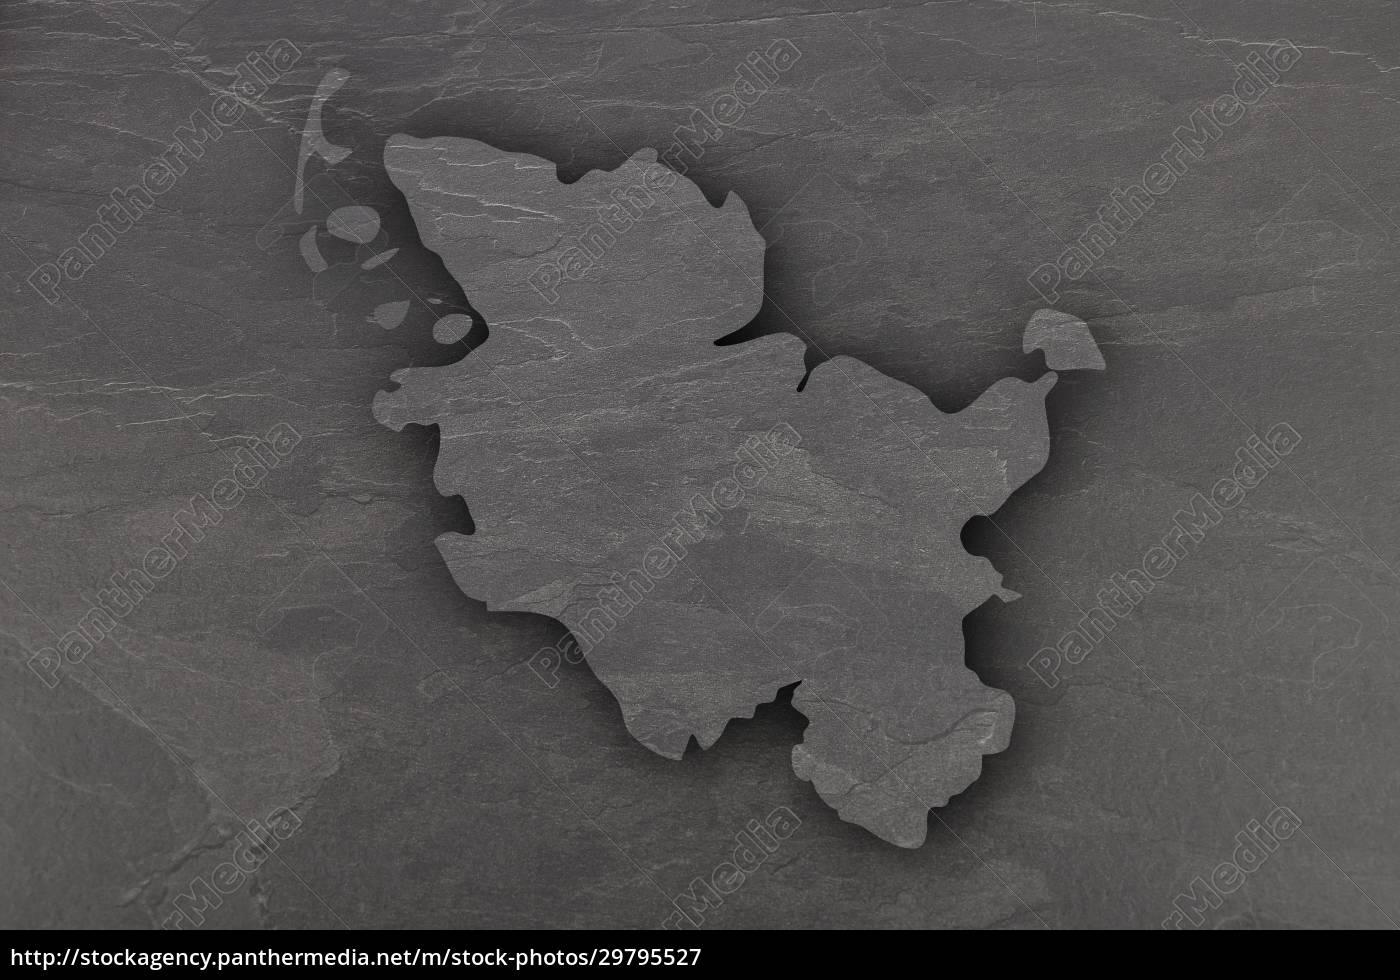 map, of, schleswig-holstein, on, dark, slate - 29795527